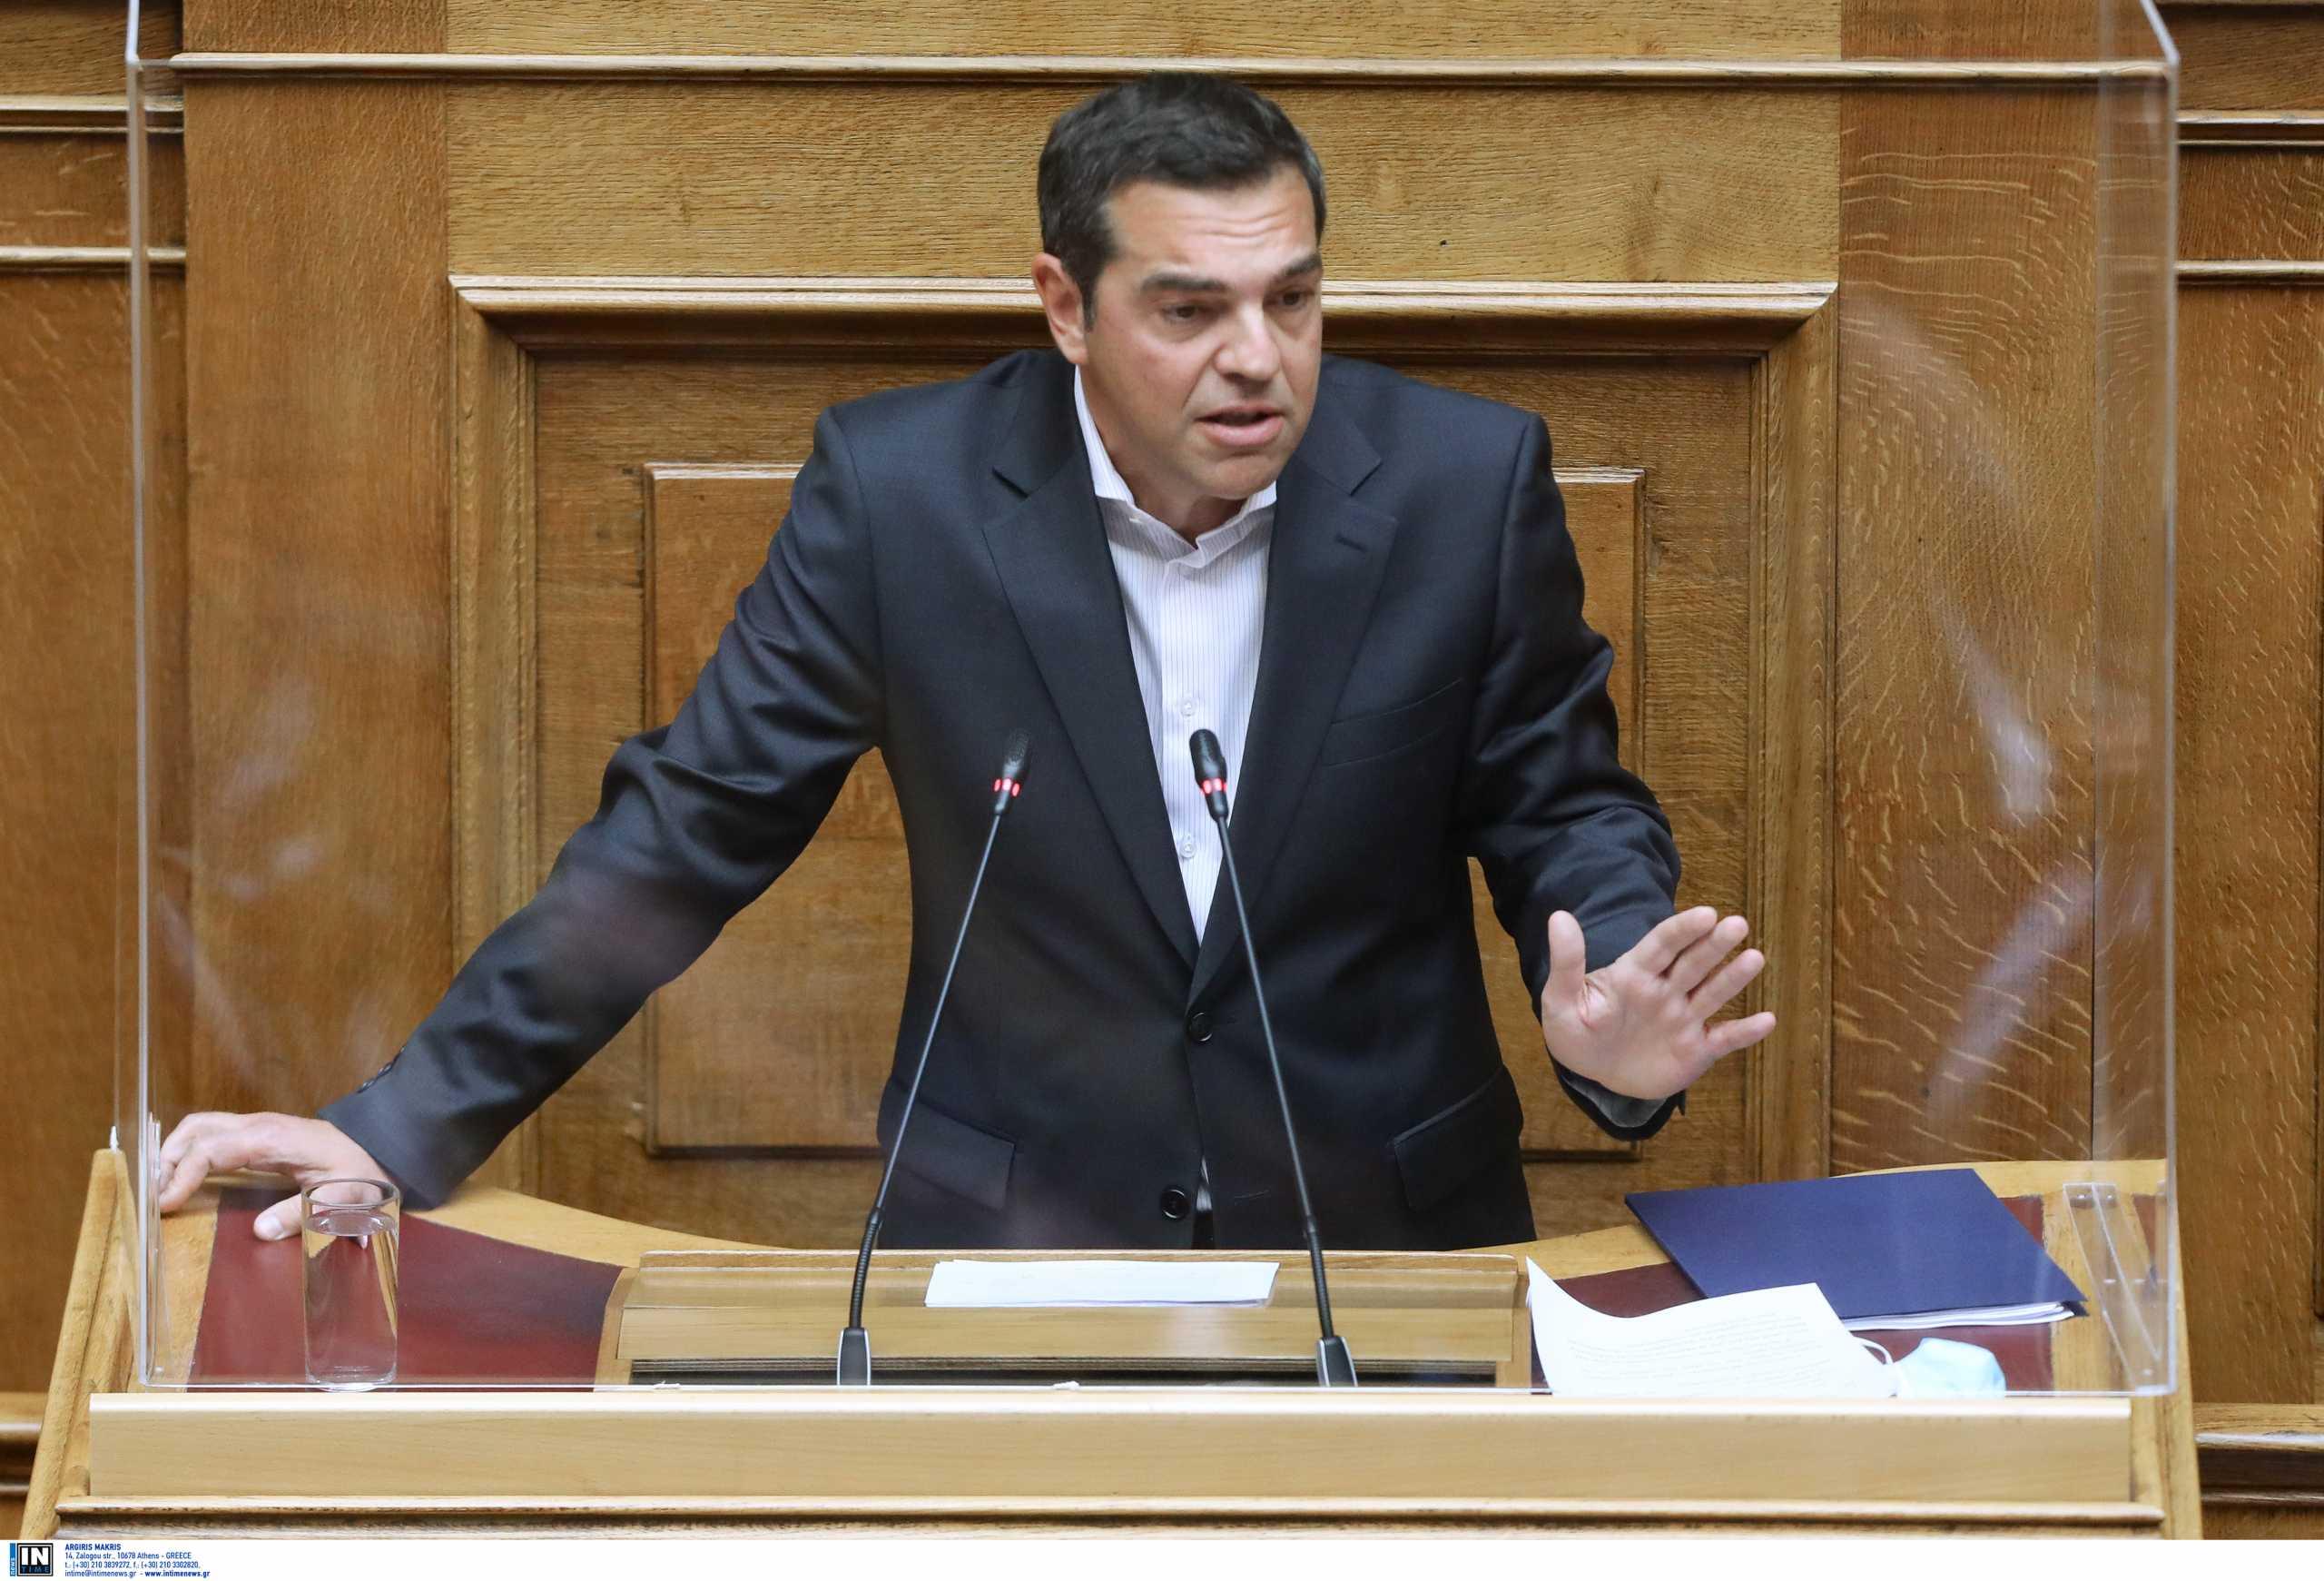 """Τσίπρας: Στυγνή ομολογία ενοχής της κυβέρνησης η τροπολογία για το """"ακαταδίωκτο"""""""